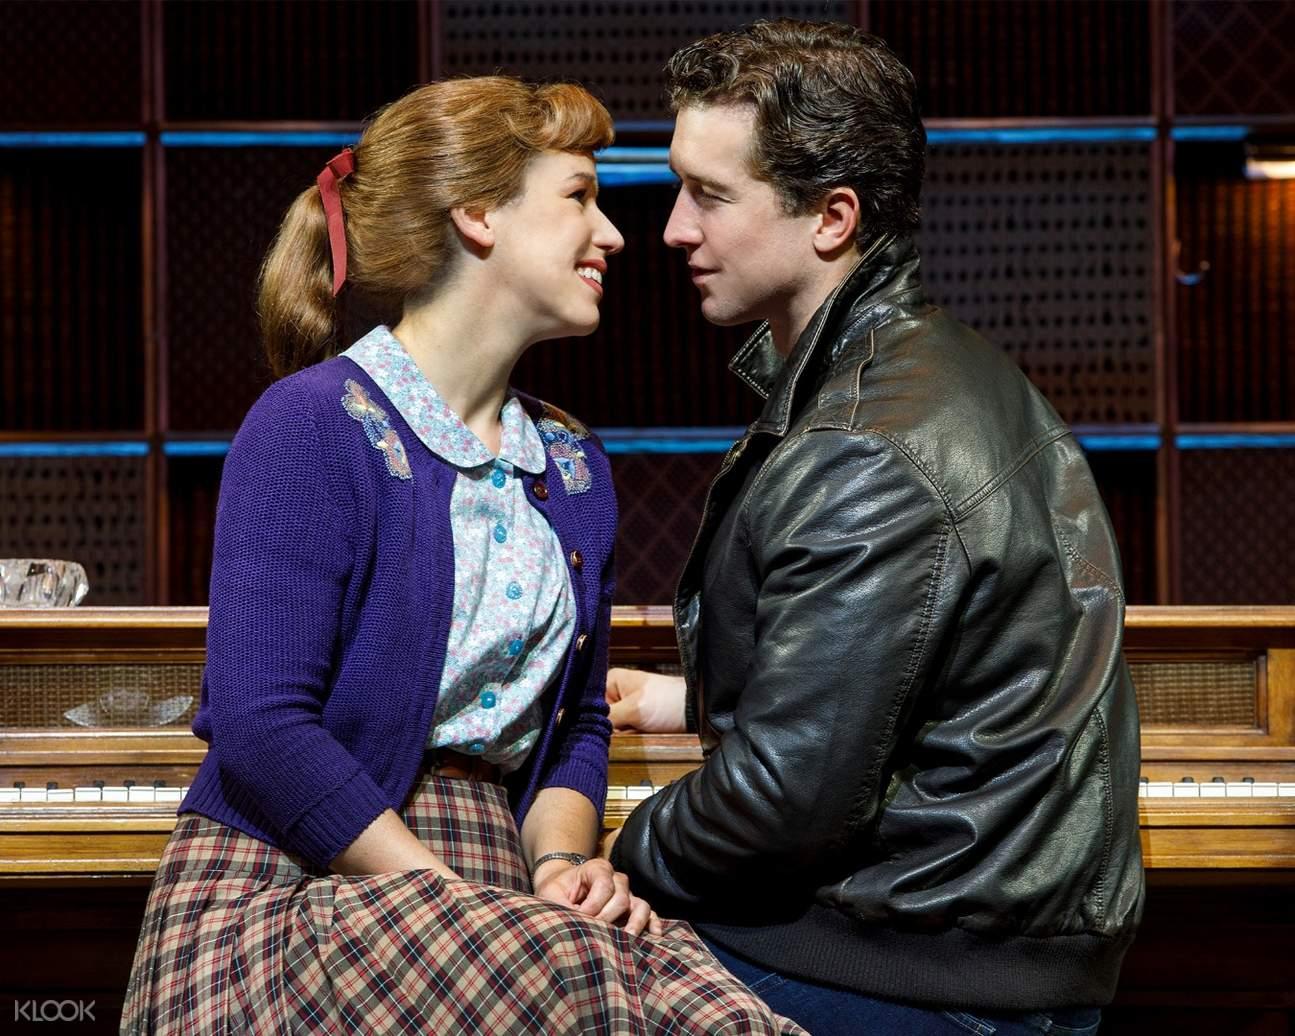 美國紐約「美麗:卡羅爾· 金」紐約百老匯音樂劇